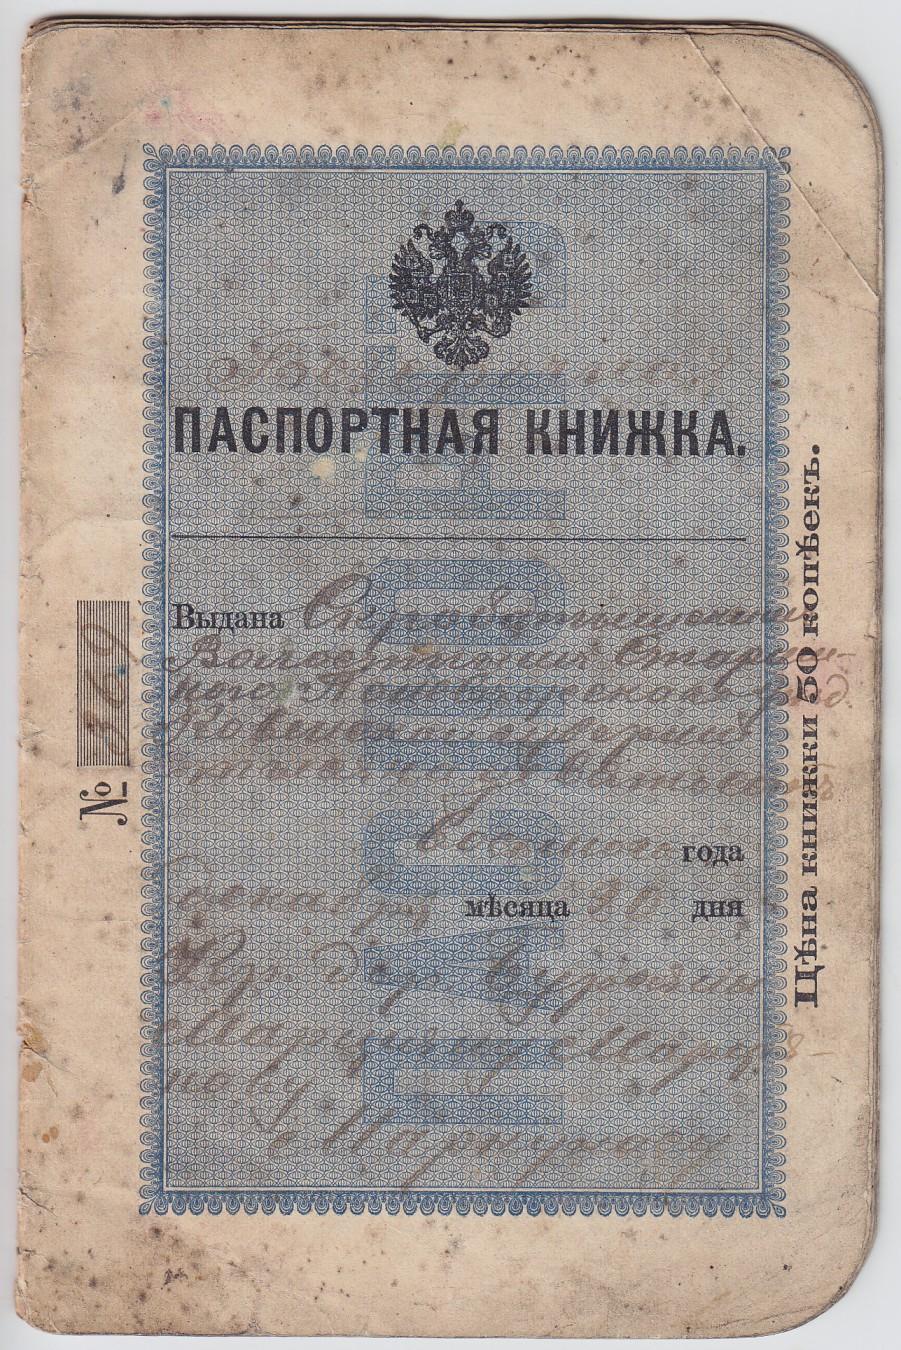 Martyno Martynovičiaus Markūno, gimusio 1884 m. gegužės 31 d., pasas